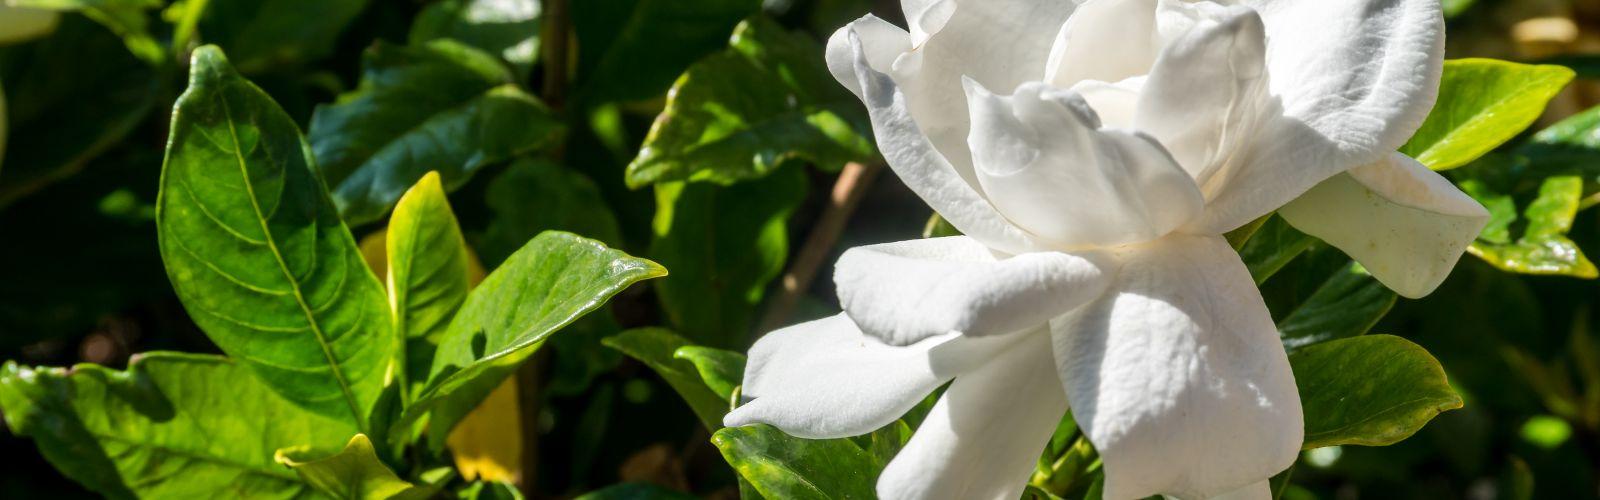 closeup of white gardenia flower on the shrub